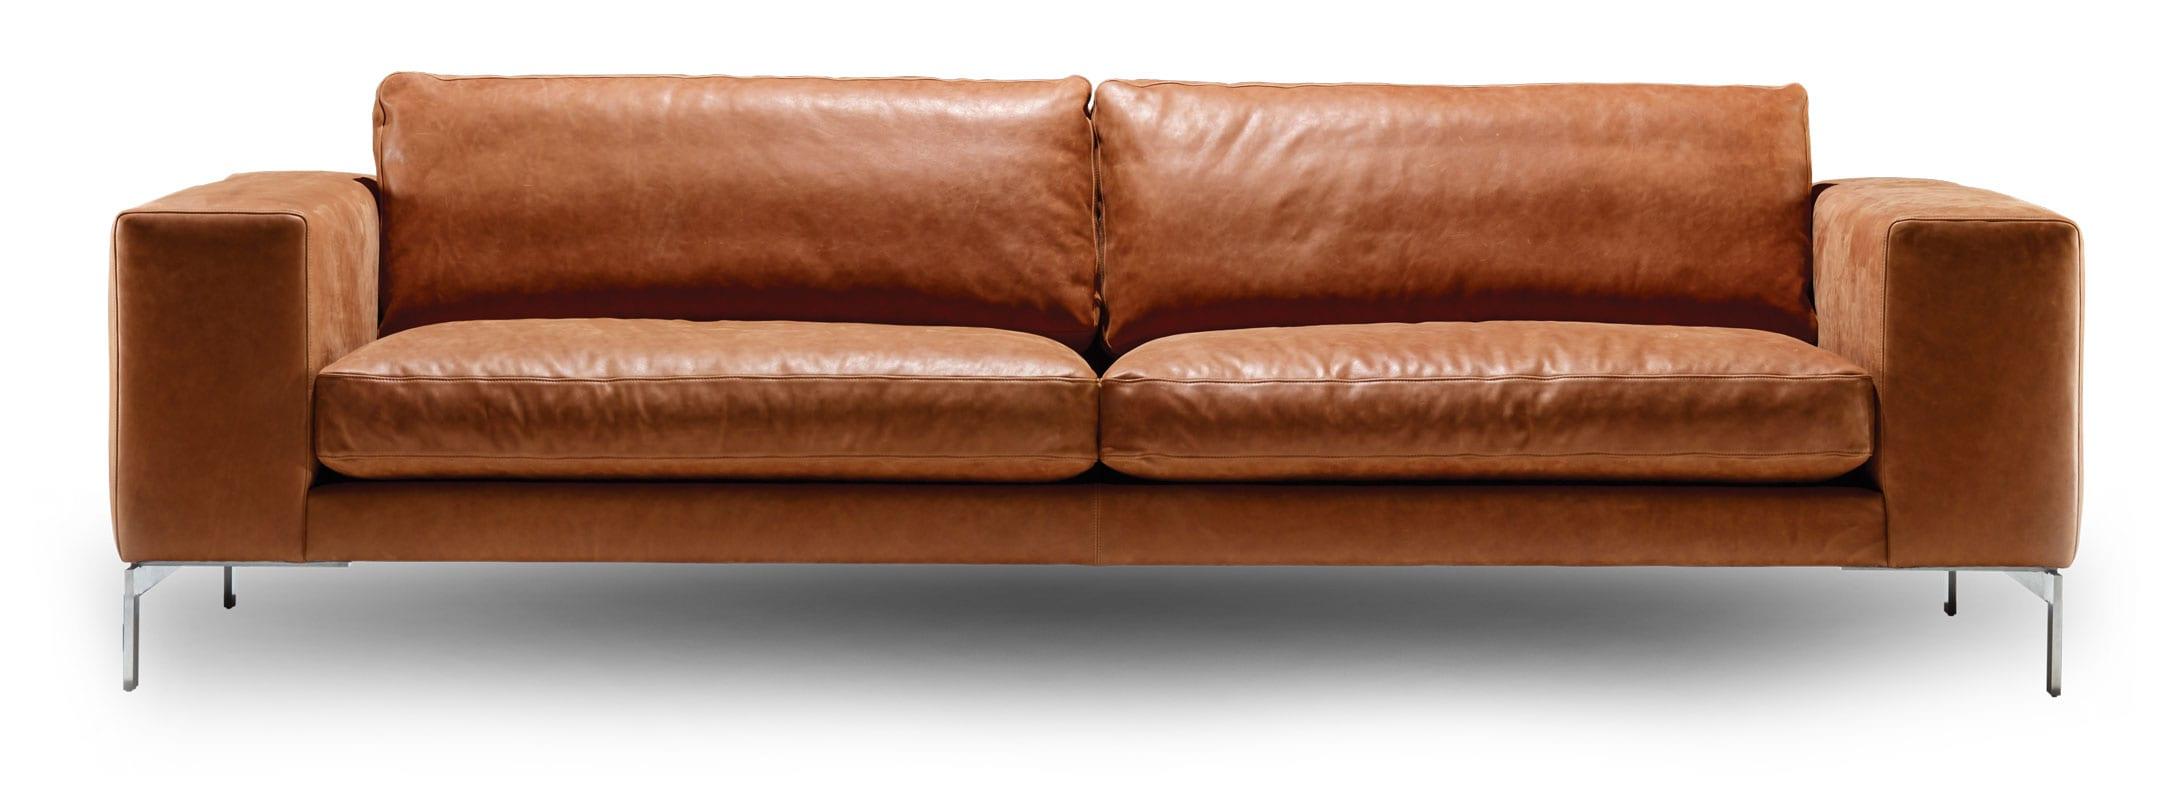 sl284 sofa